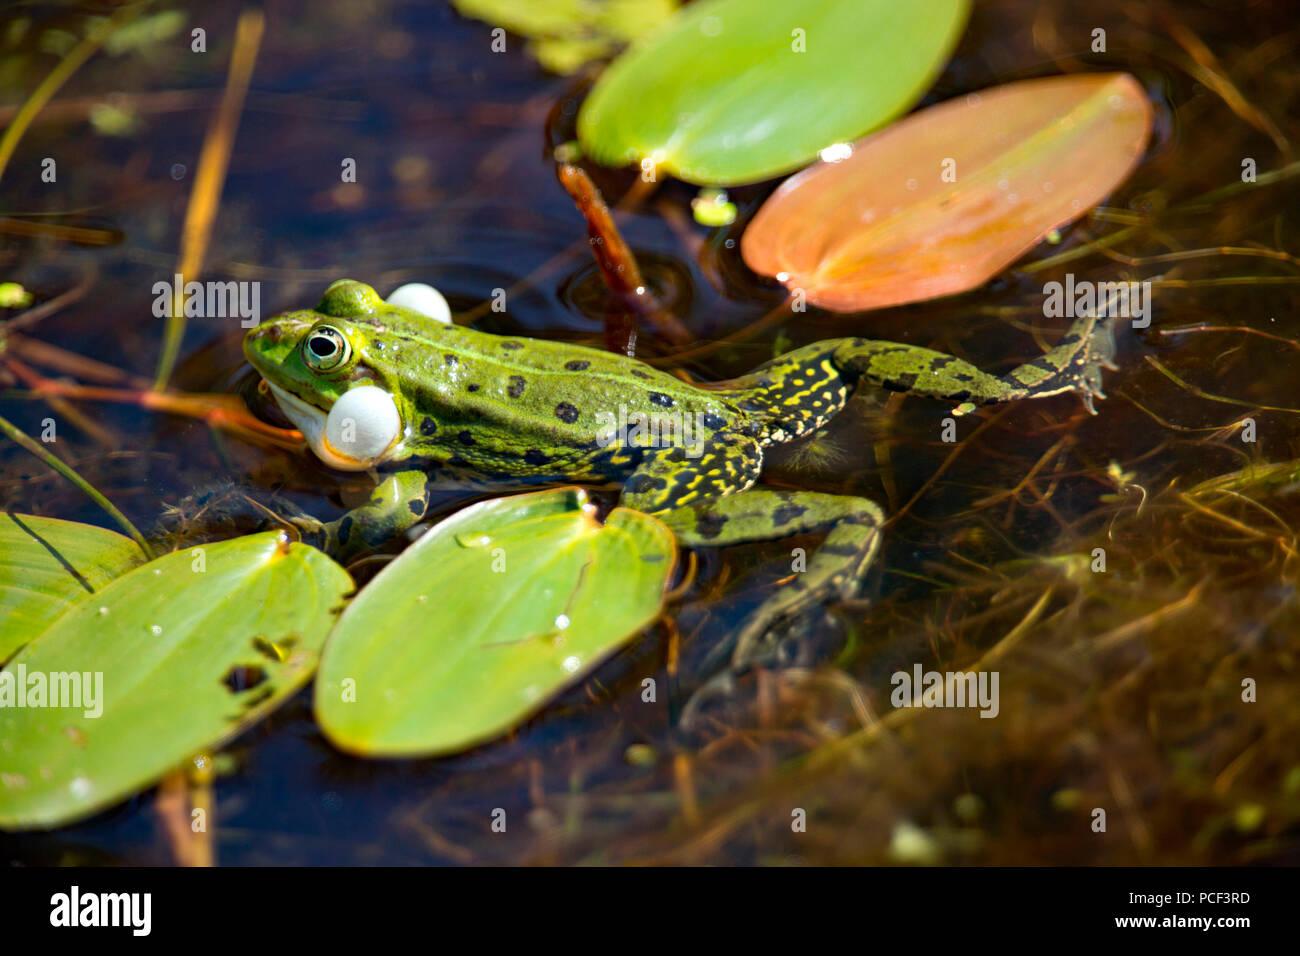 Edible frog (Rana esculenta), Banque D'Images